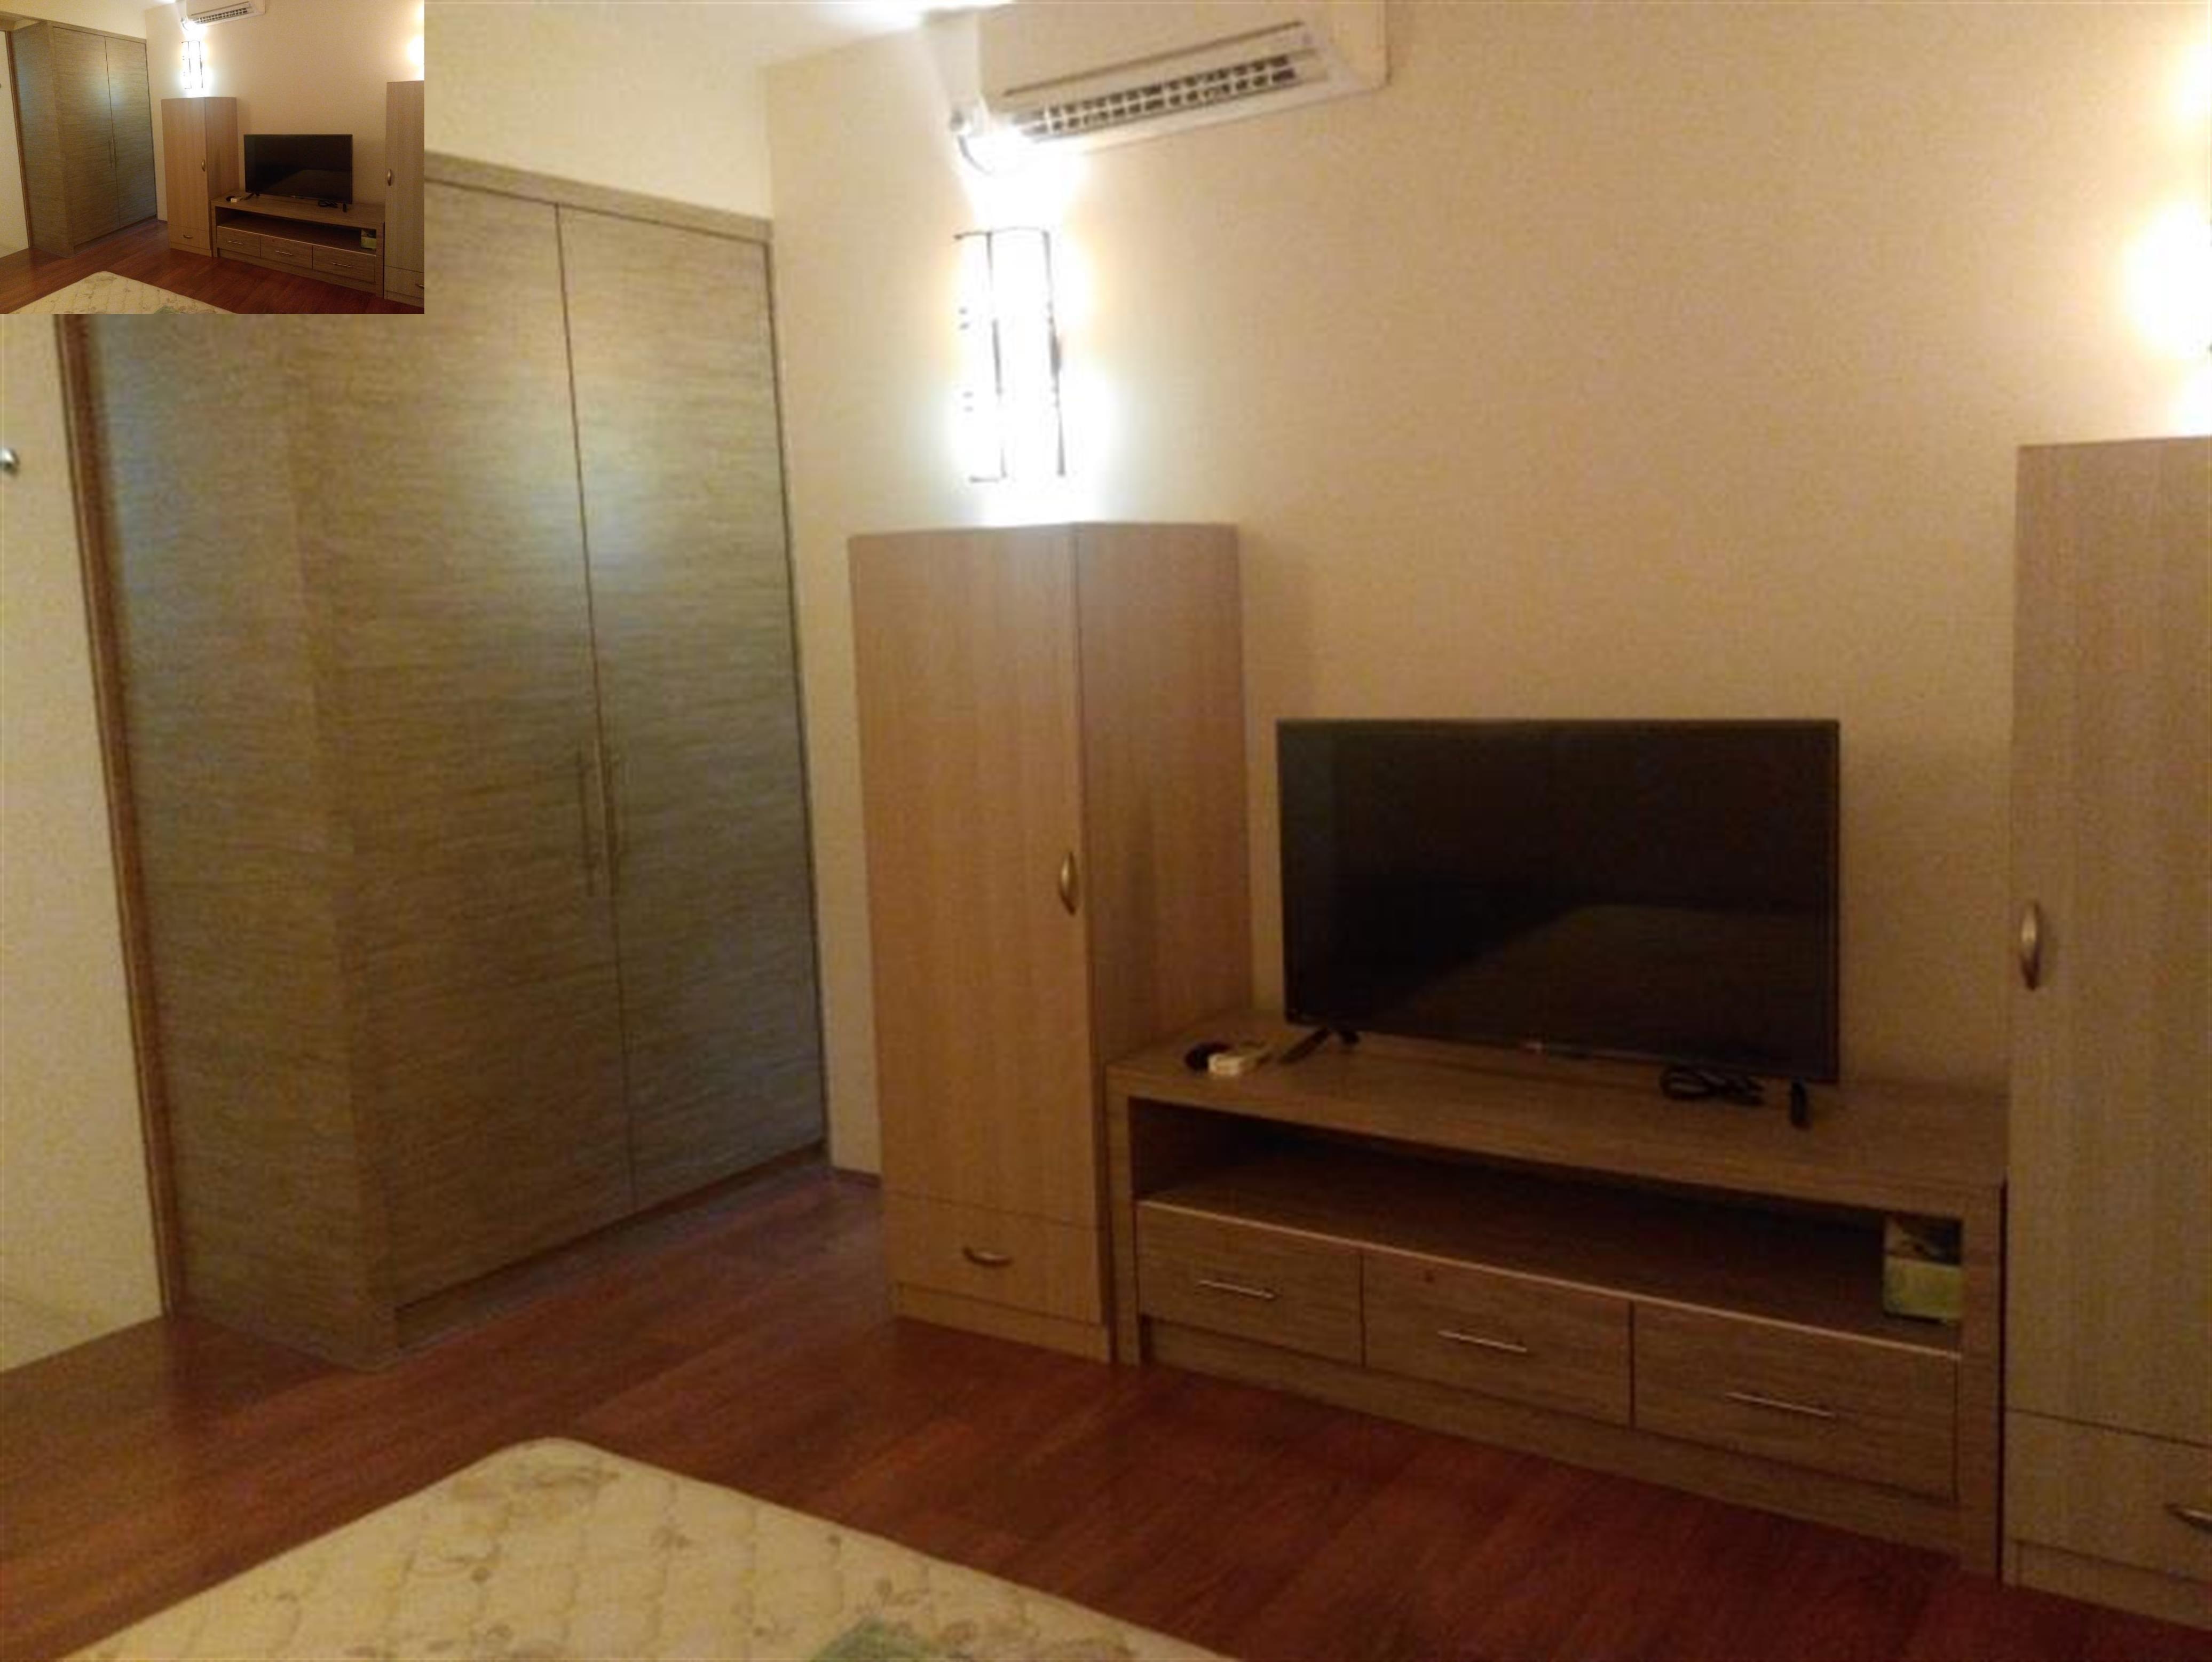 HSF Apartment Johor Bahru, Malaysia